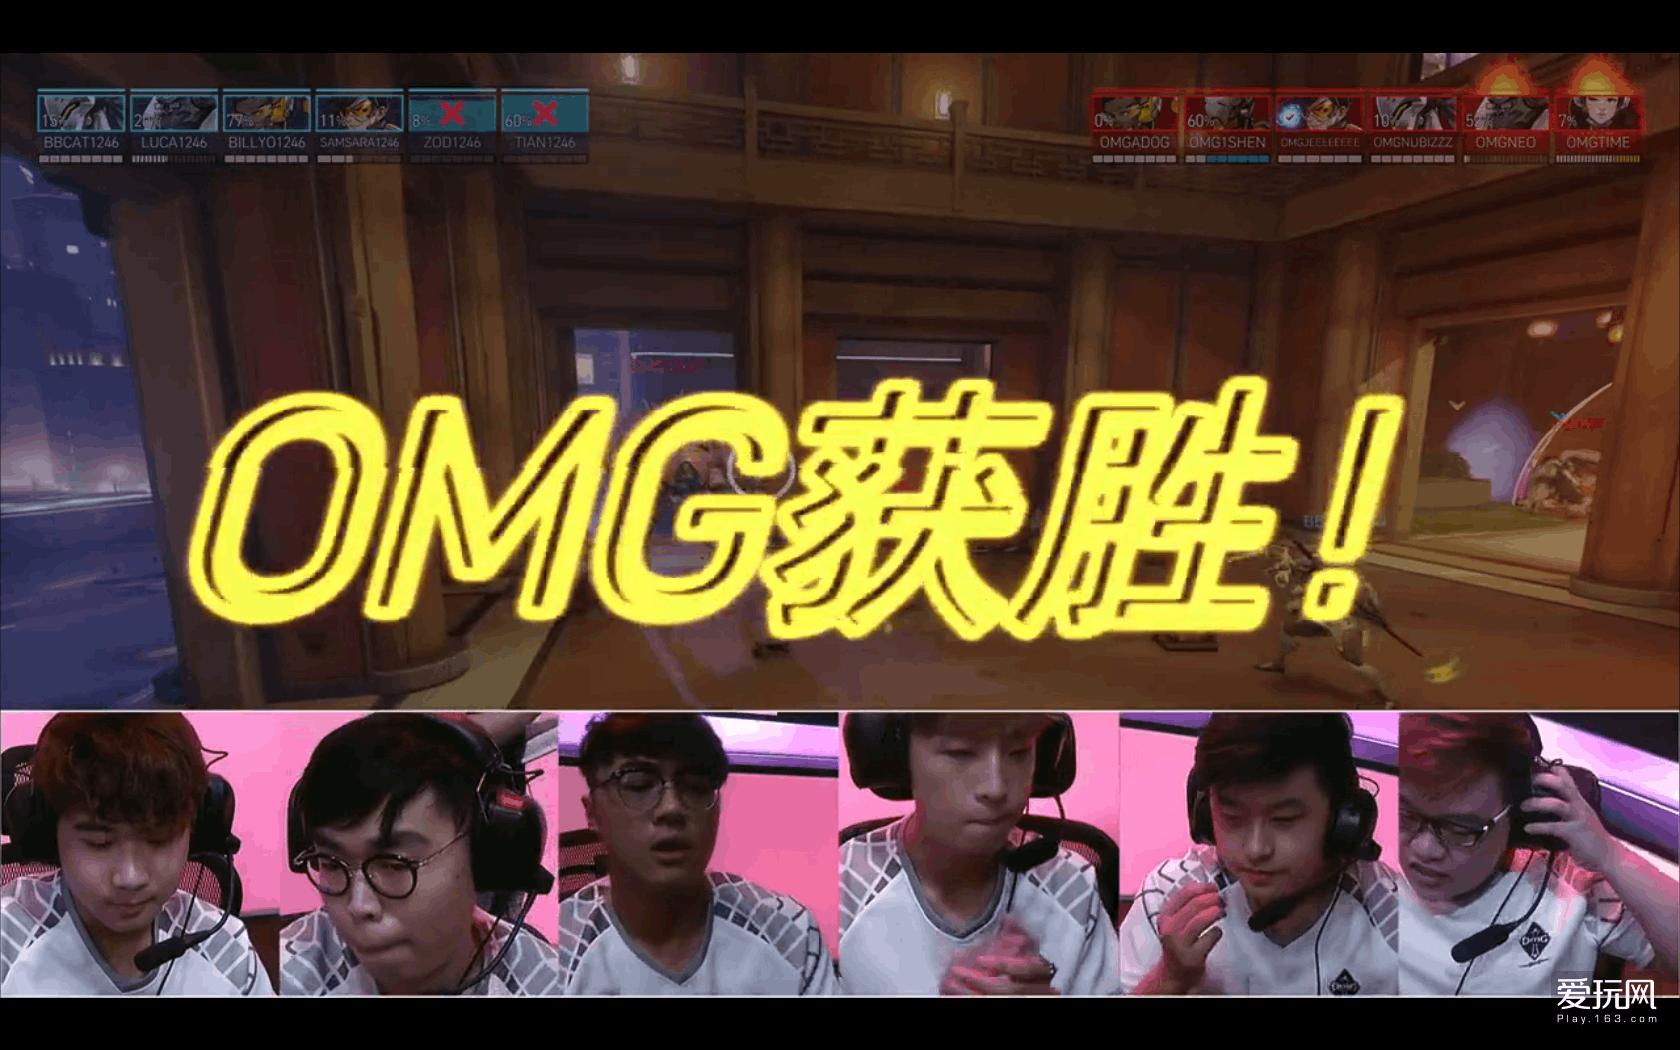 守望先锋OWPS联赛:SHY武僧降世 CL陷入泥潭